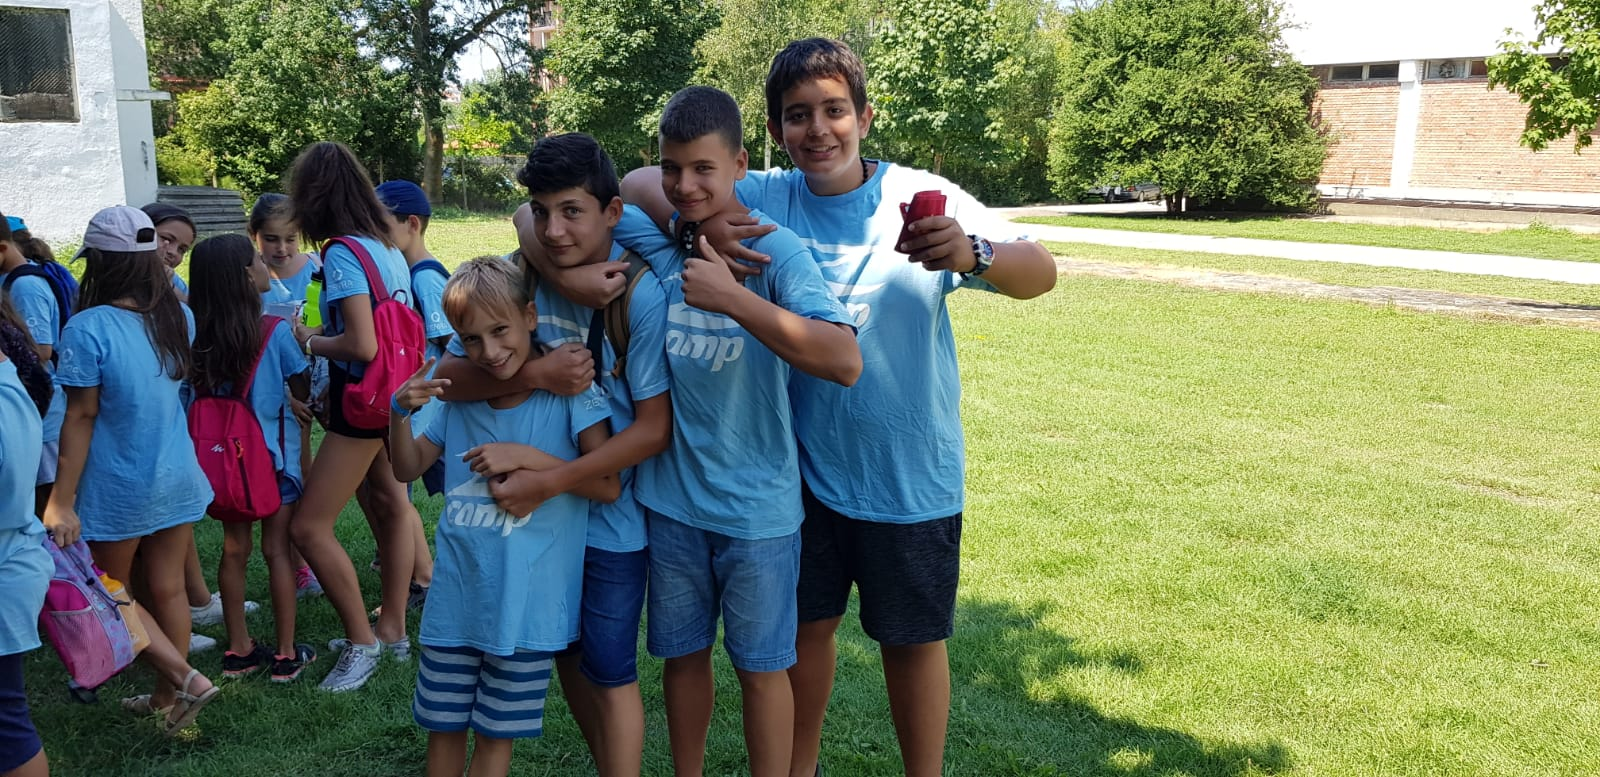 Z кемп, ден 19 - мини голф в Царево - 4 момчета са застанали за снимка